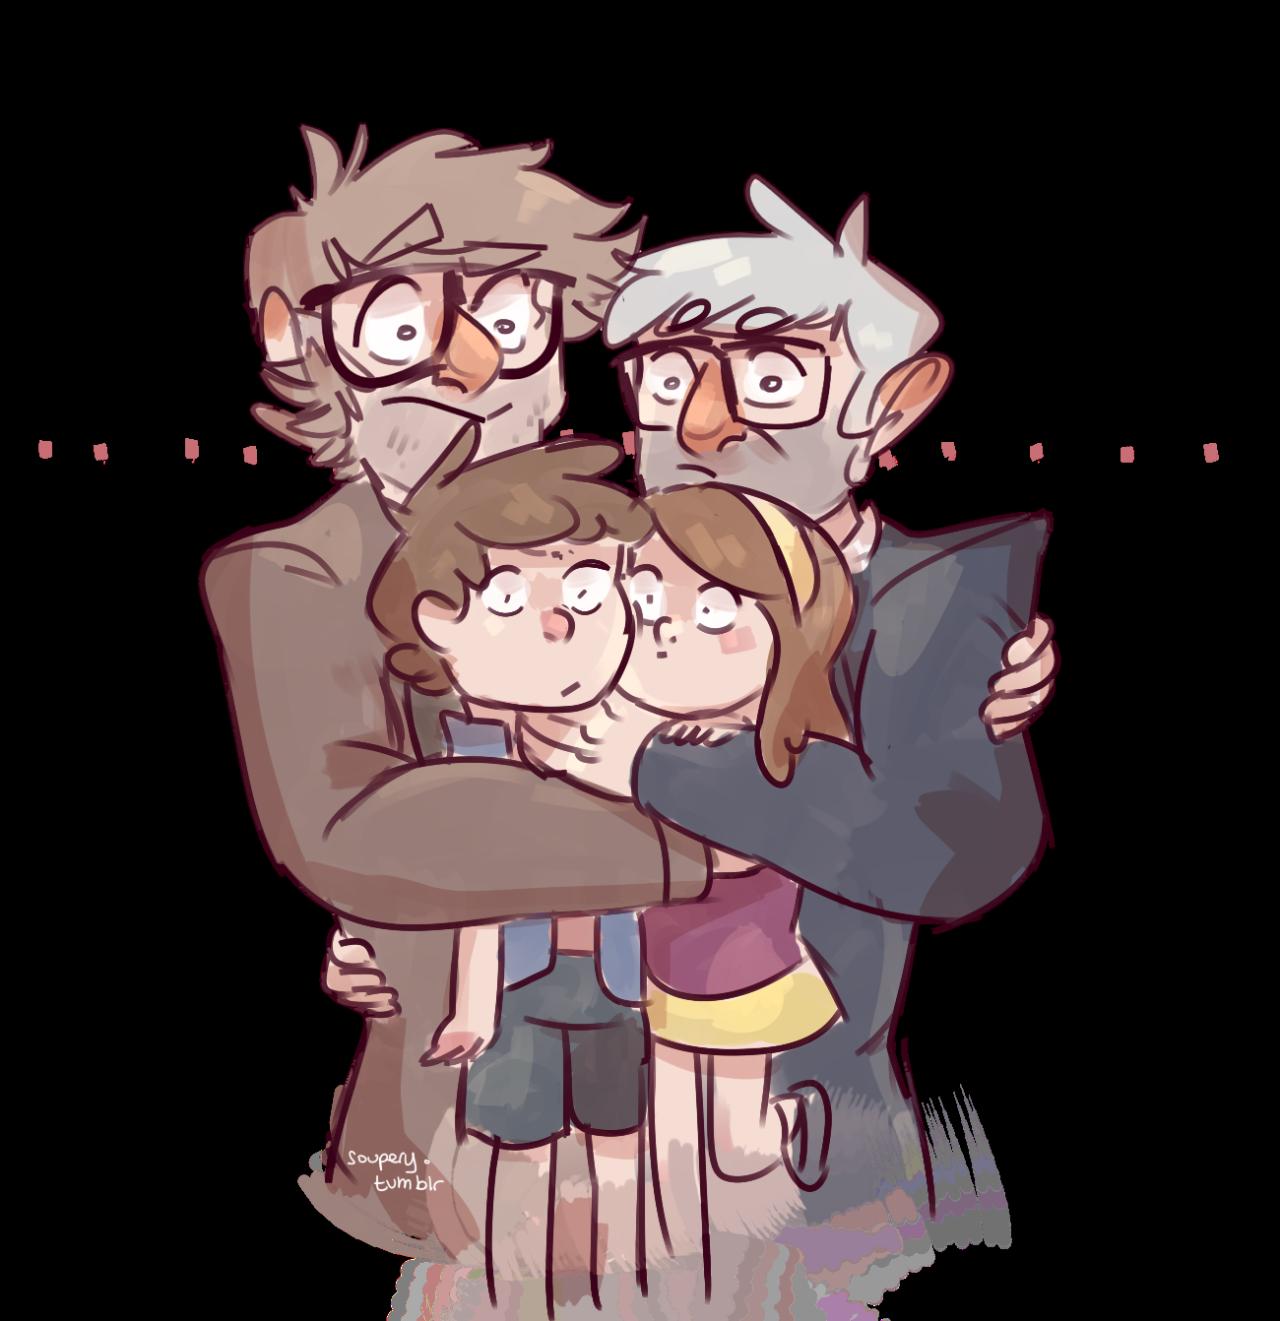 soupery: the ultimate awkward sibling hug